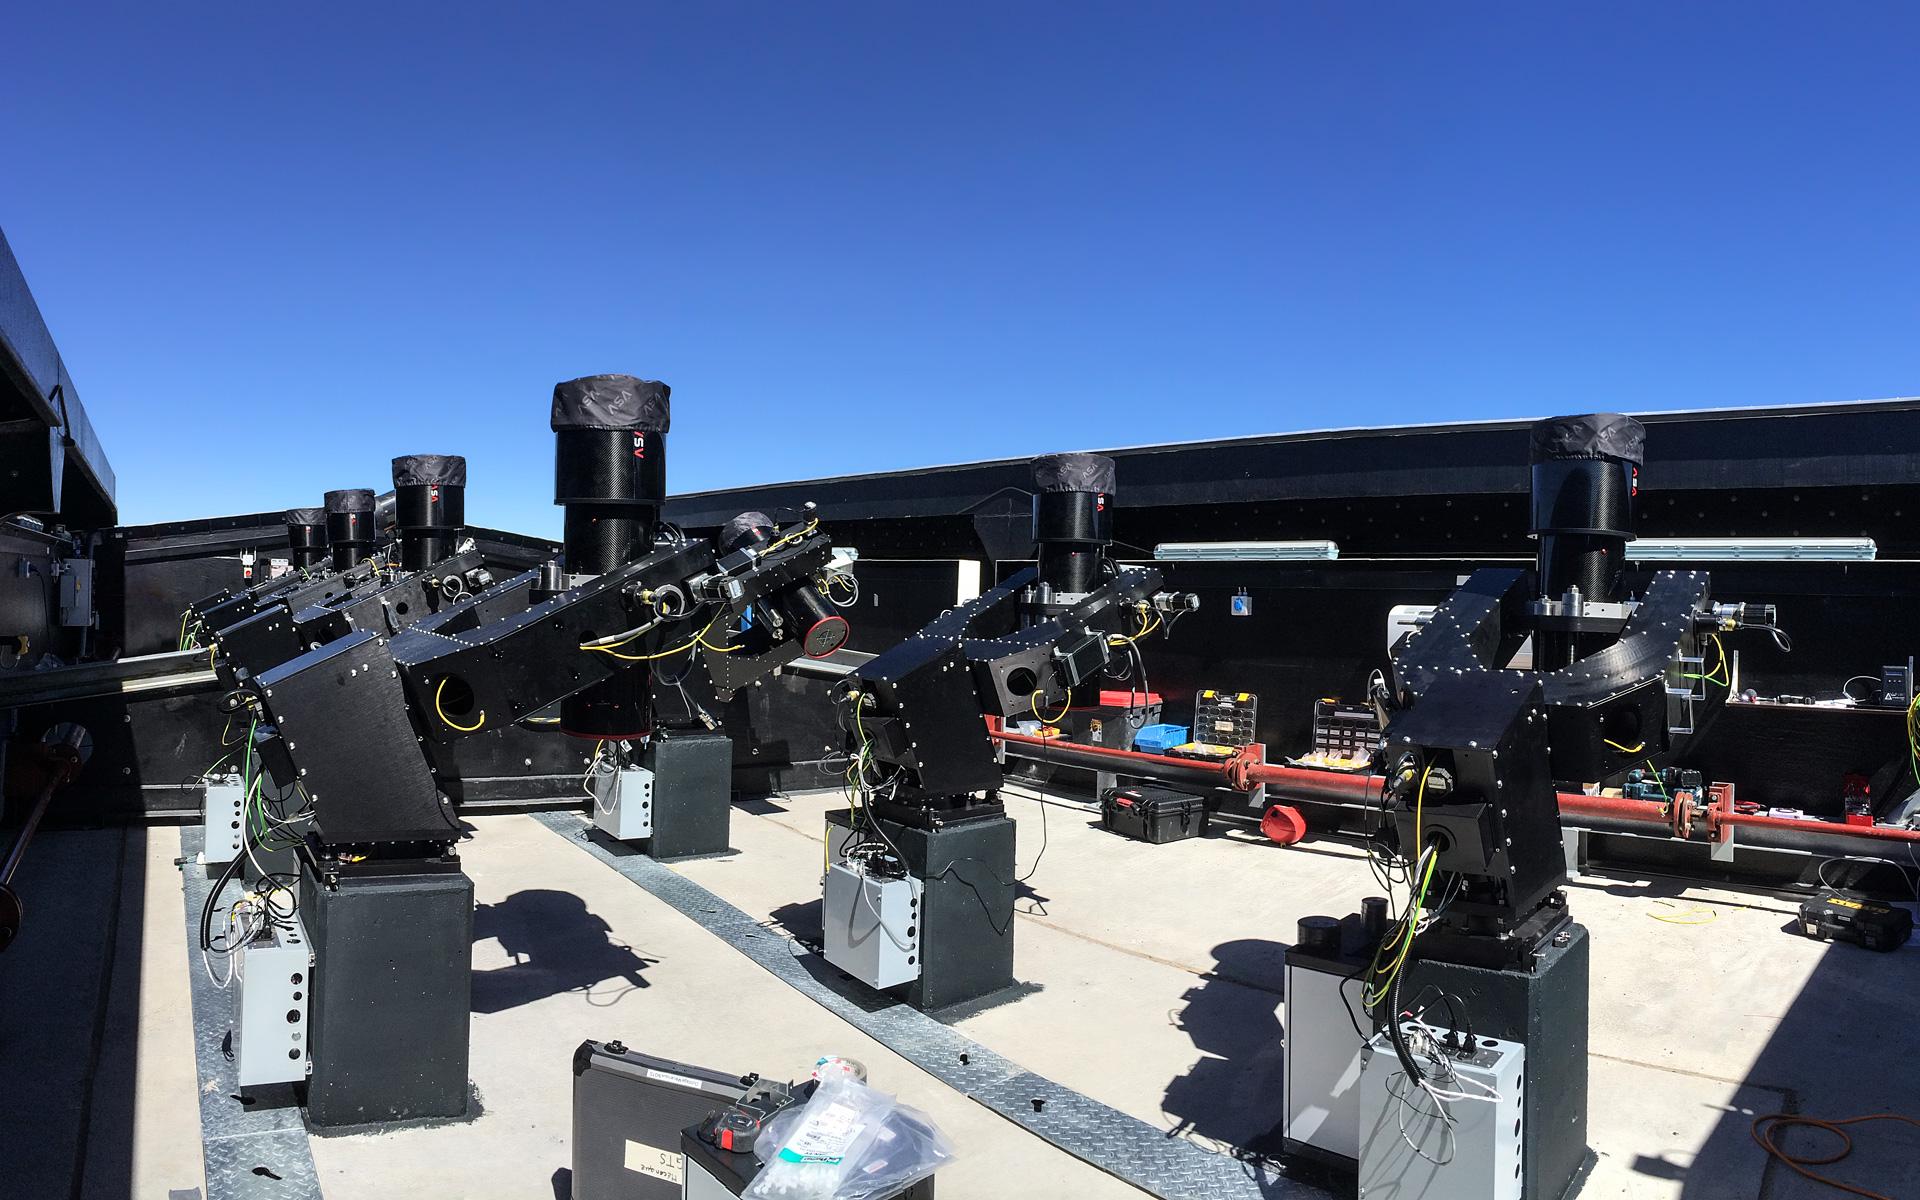 Next Generation Transit Survey (หรือเรียกย่อๆว่า NGTS) ซึ่งเป็นฐานหุ่นยนต์ภาคพื้นดิน ที่ตั้งอยู่ ณ หอดาวเพรานอล (Paranal Observatory) ในทะเลทรายอาตากามาทางตอนเหนือของชิลี